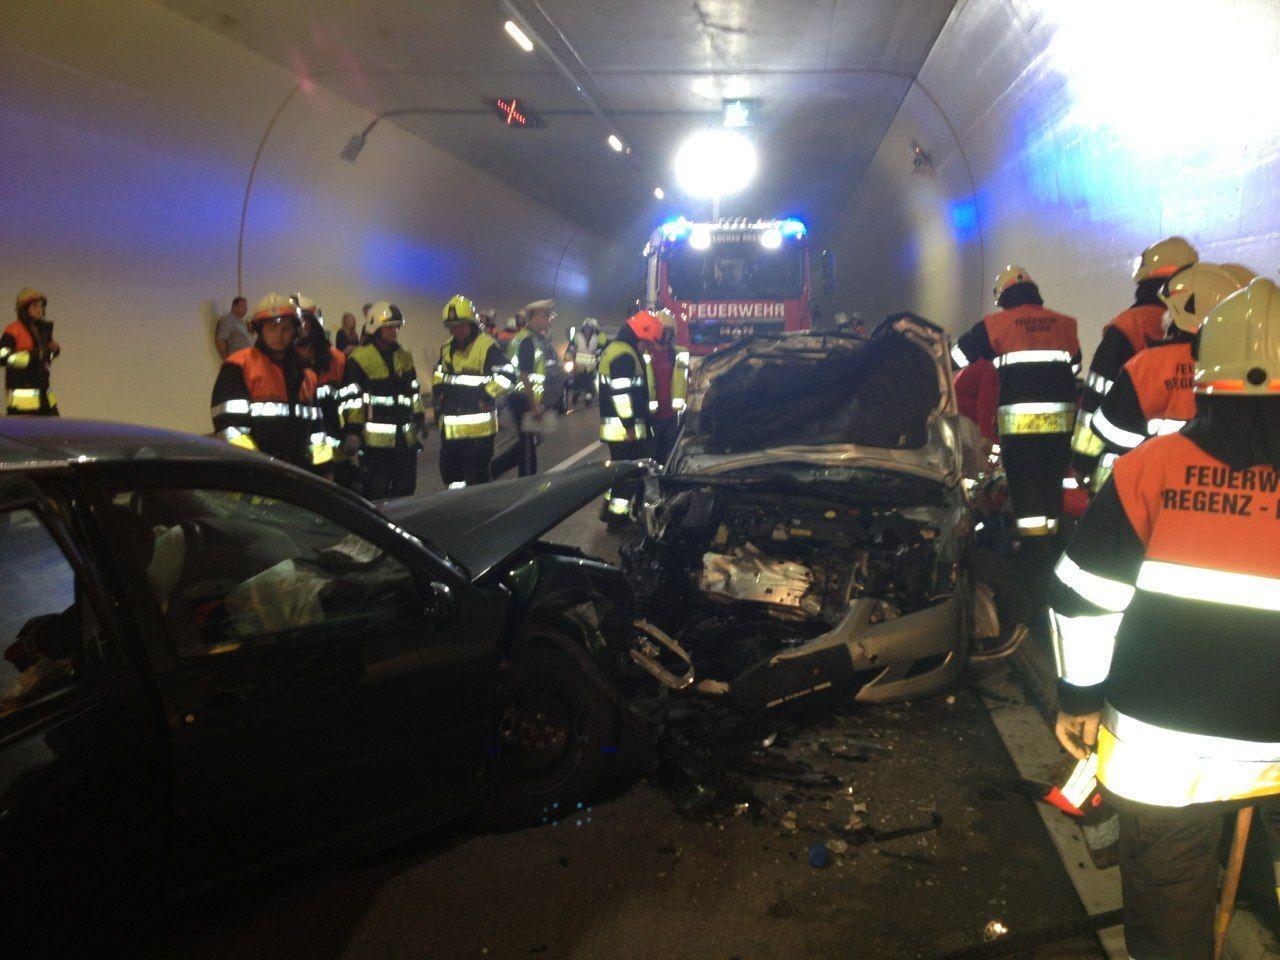 Der Unfall forderte einen Schwerverletzten und fünf Leichtverletzte.